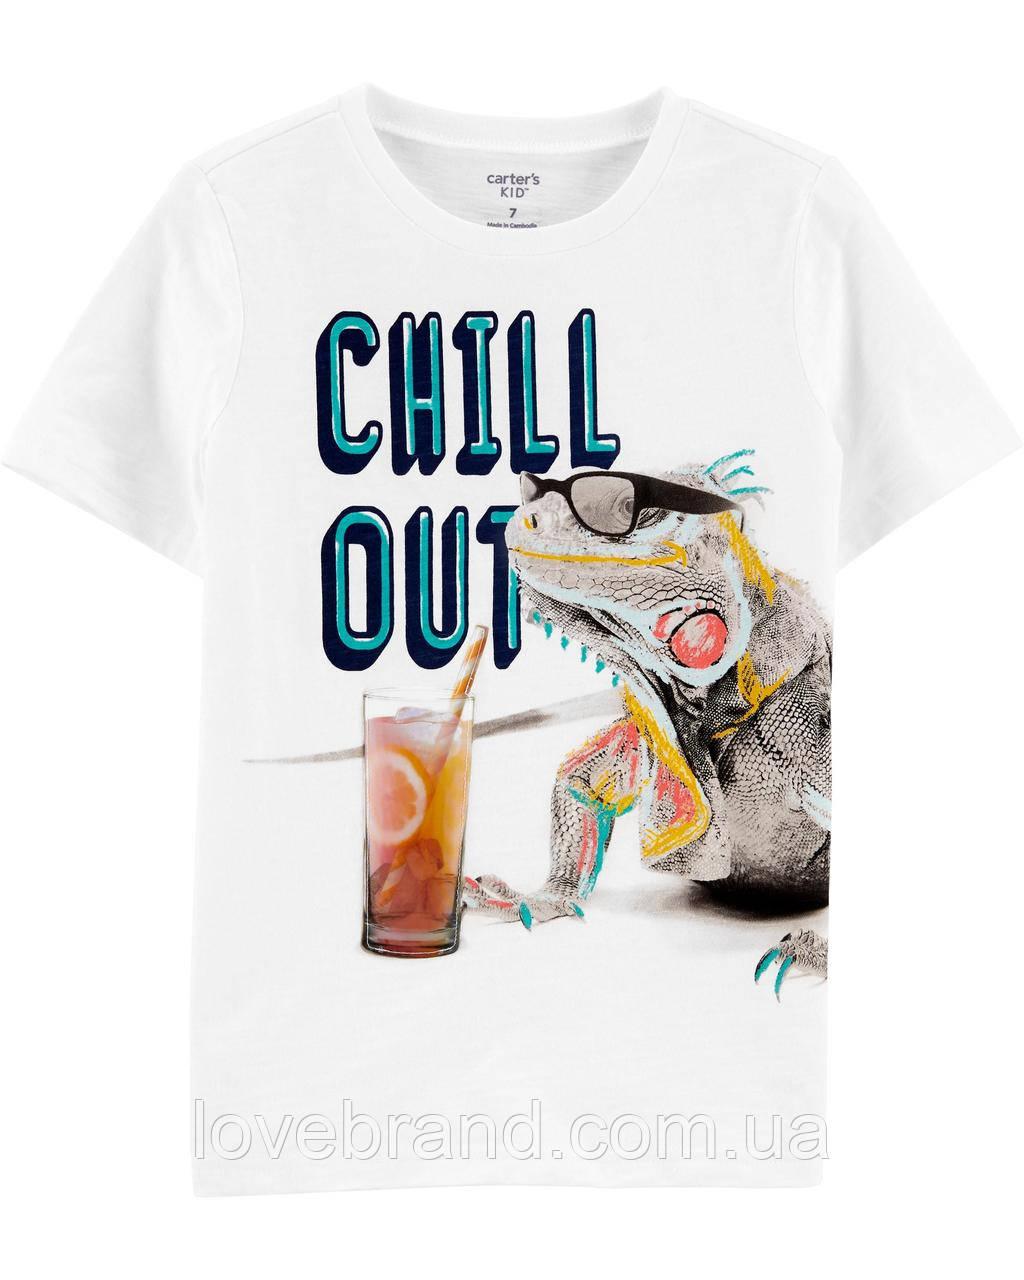 """Легкая детская футболка для мальчика Carter's """"Игуана"""" белая"""